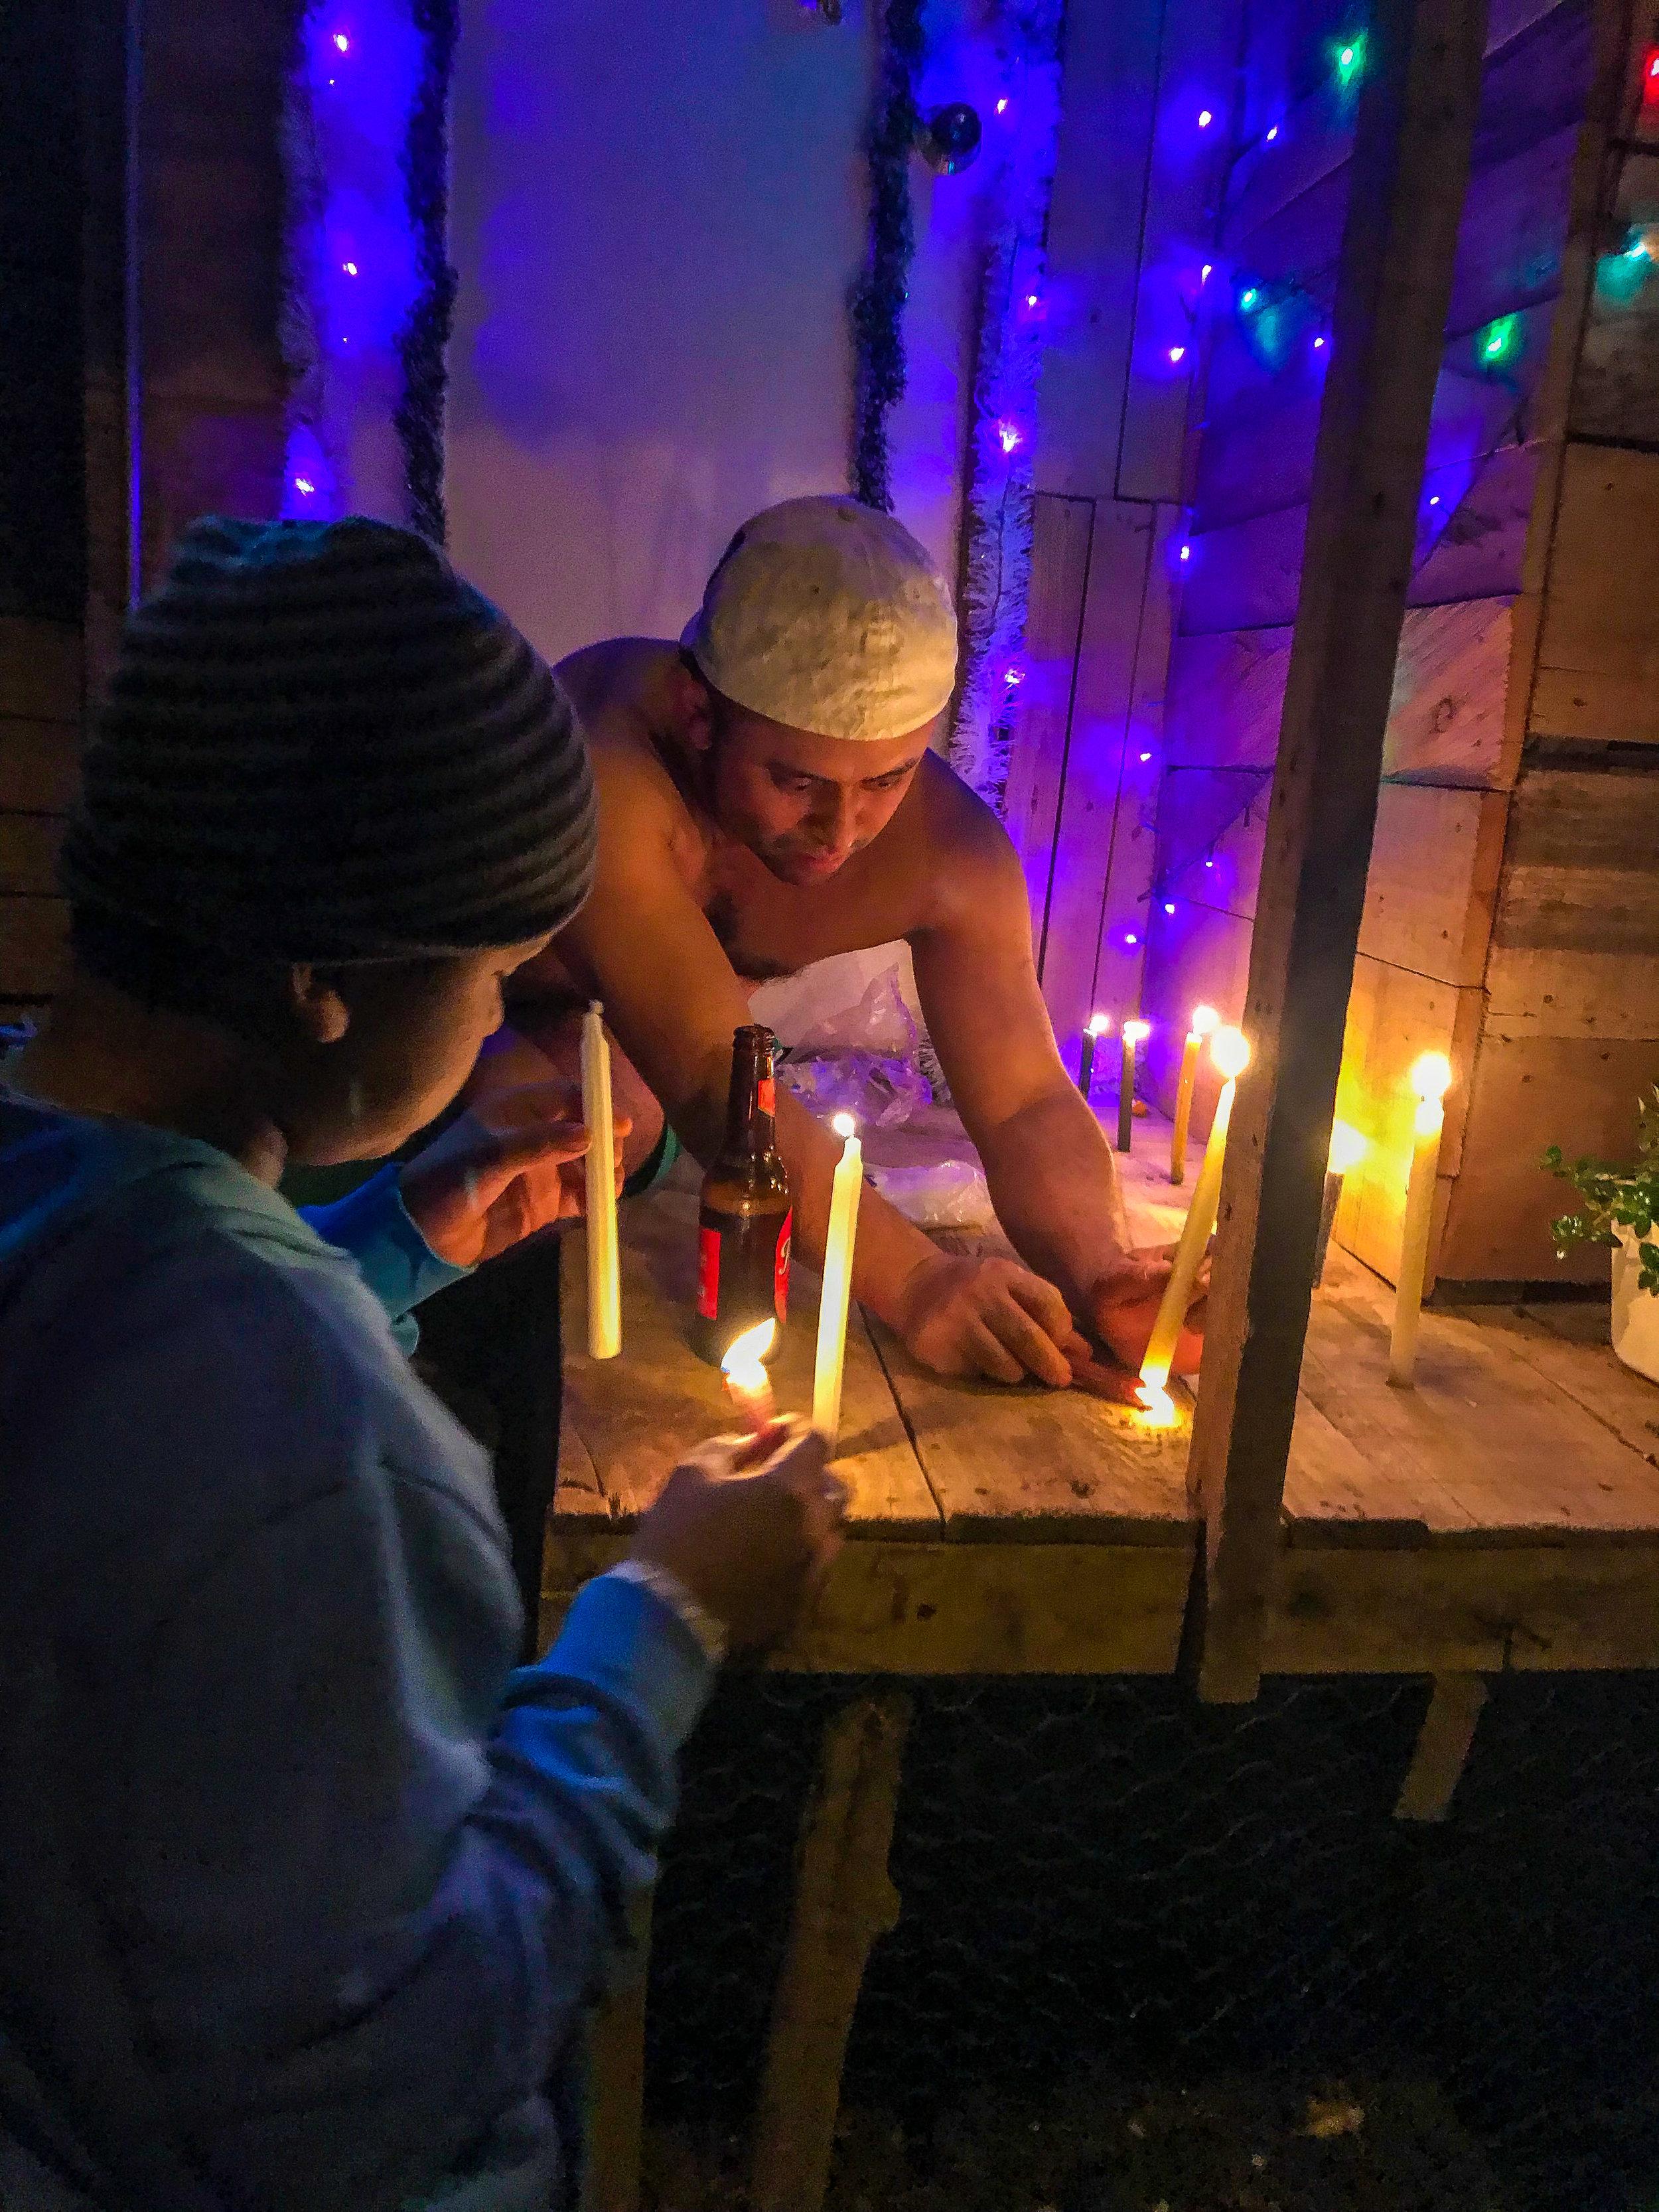 Father and son lighting candles for Día de las Velitas